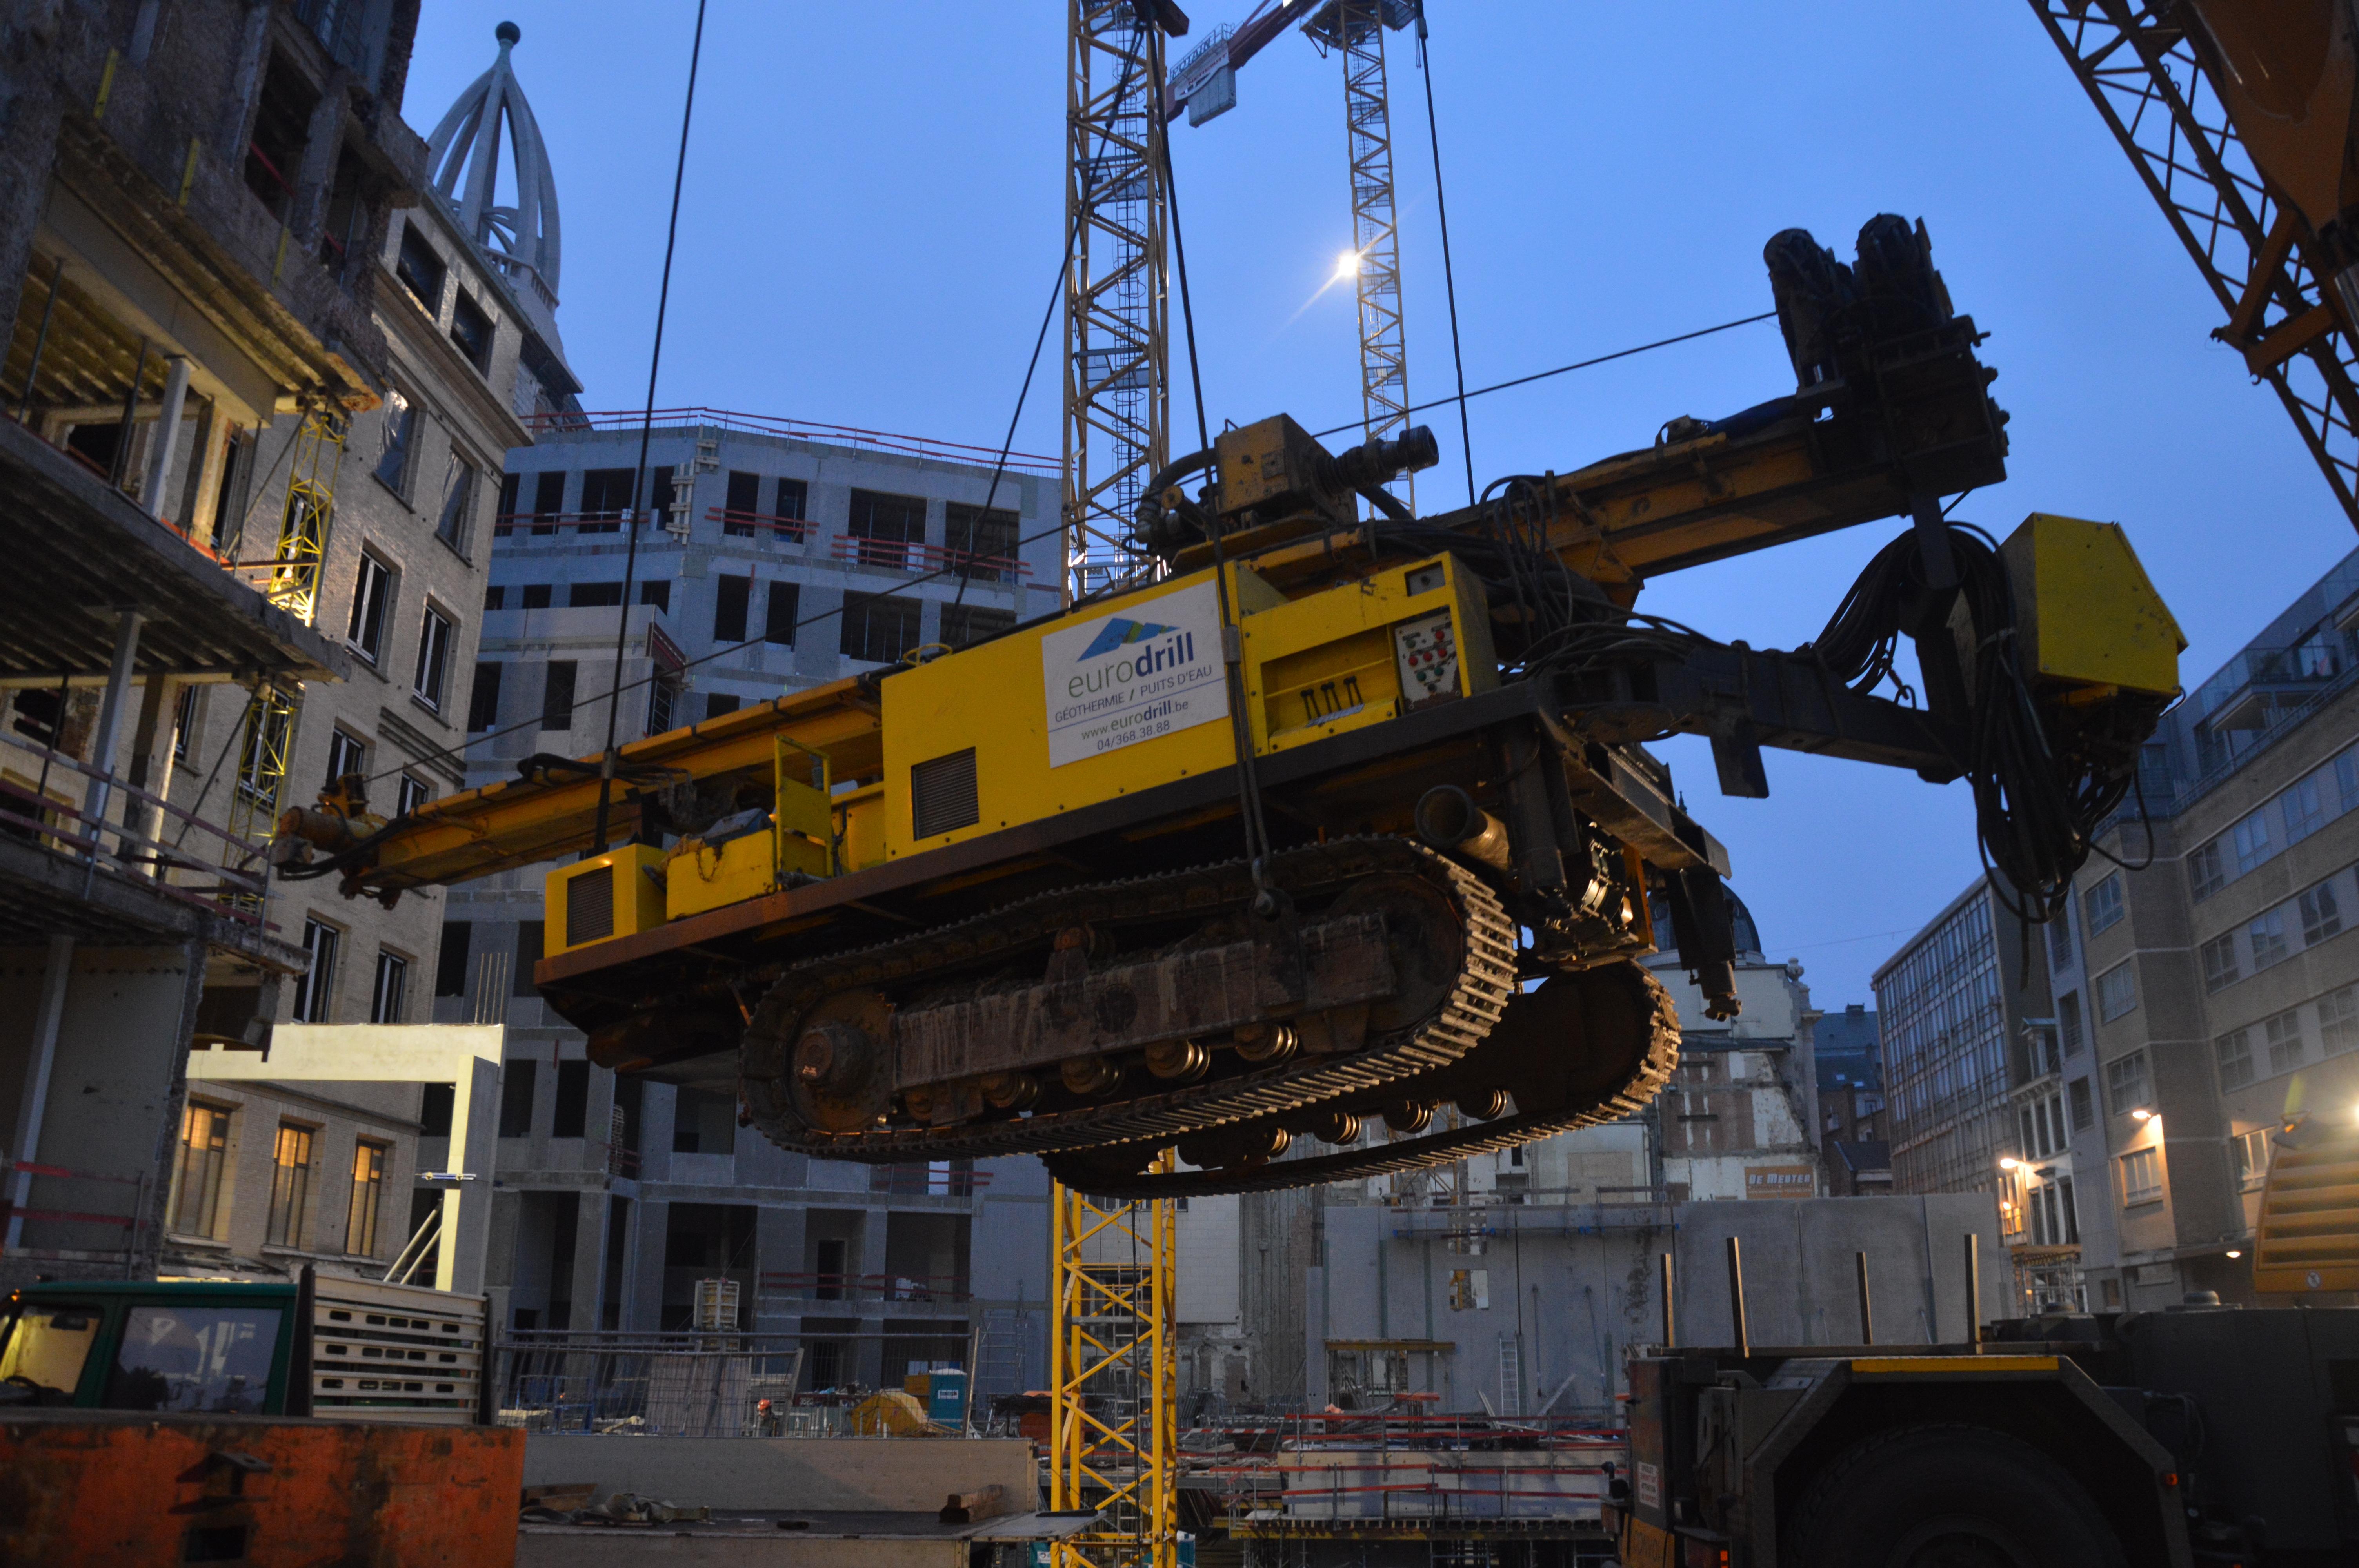 chantier-bruxelles-centre-forage-installation-pompe-puits-geothermie-eurodrill-liege-belgique-26